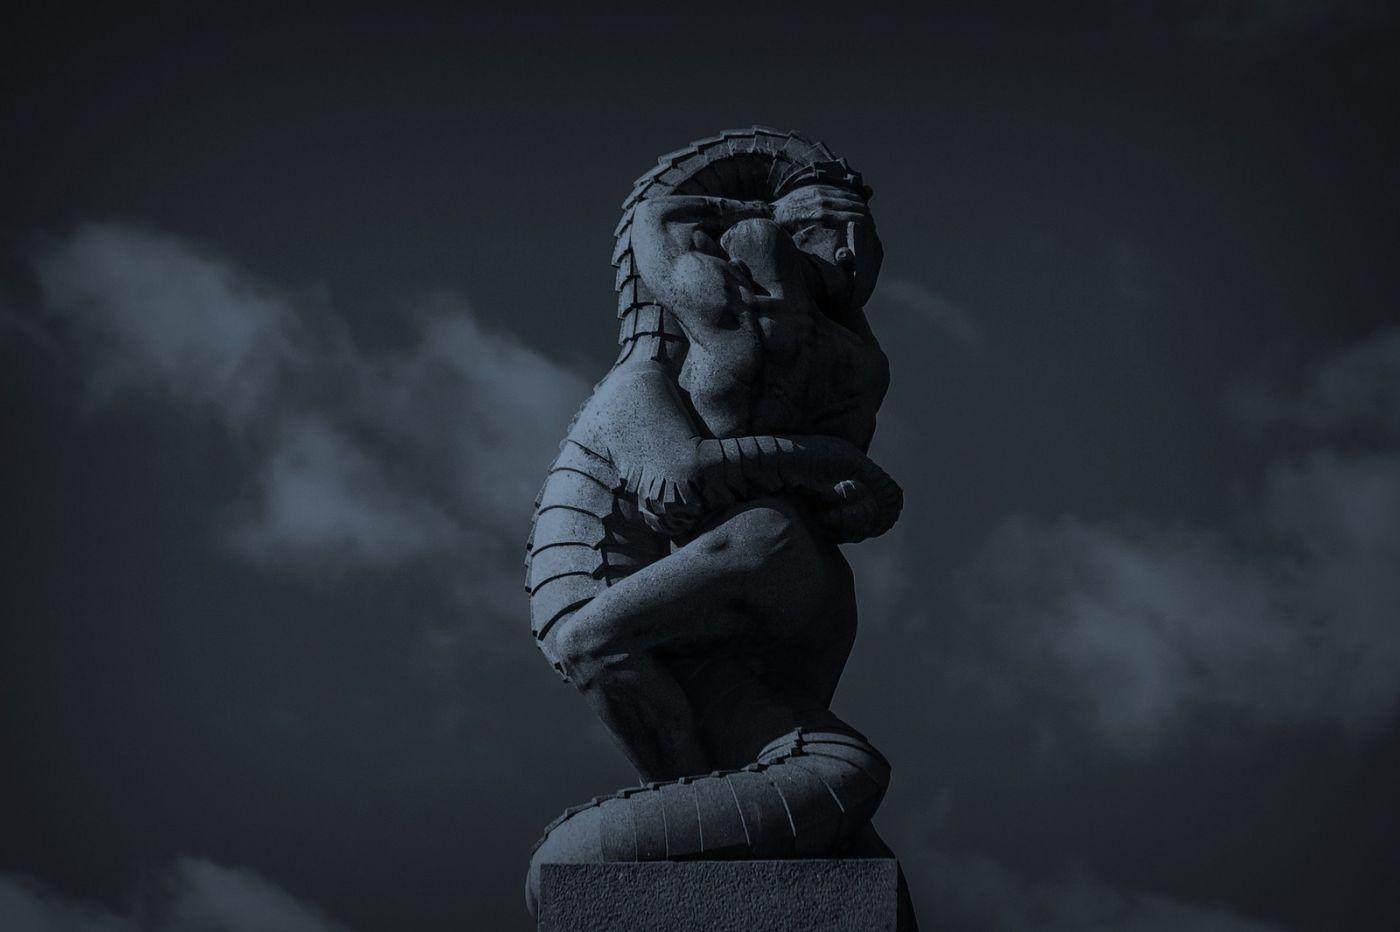 挪威维格兰雕塑公园,艺术的确来自生活_图1-12